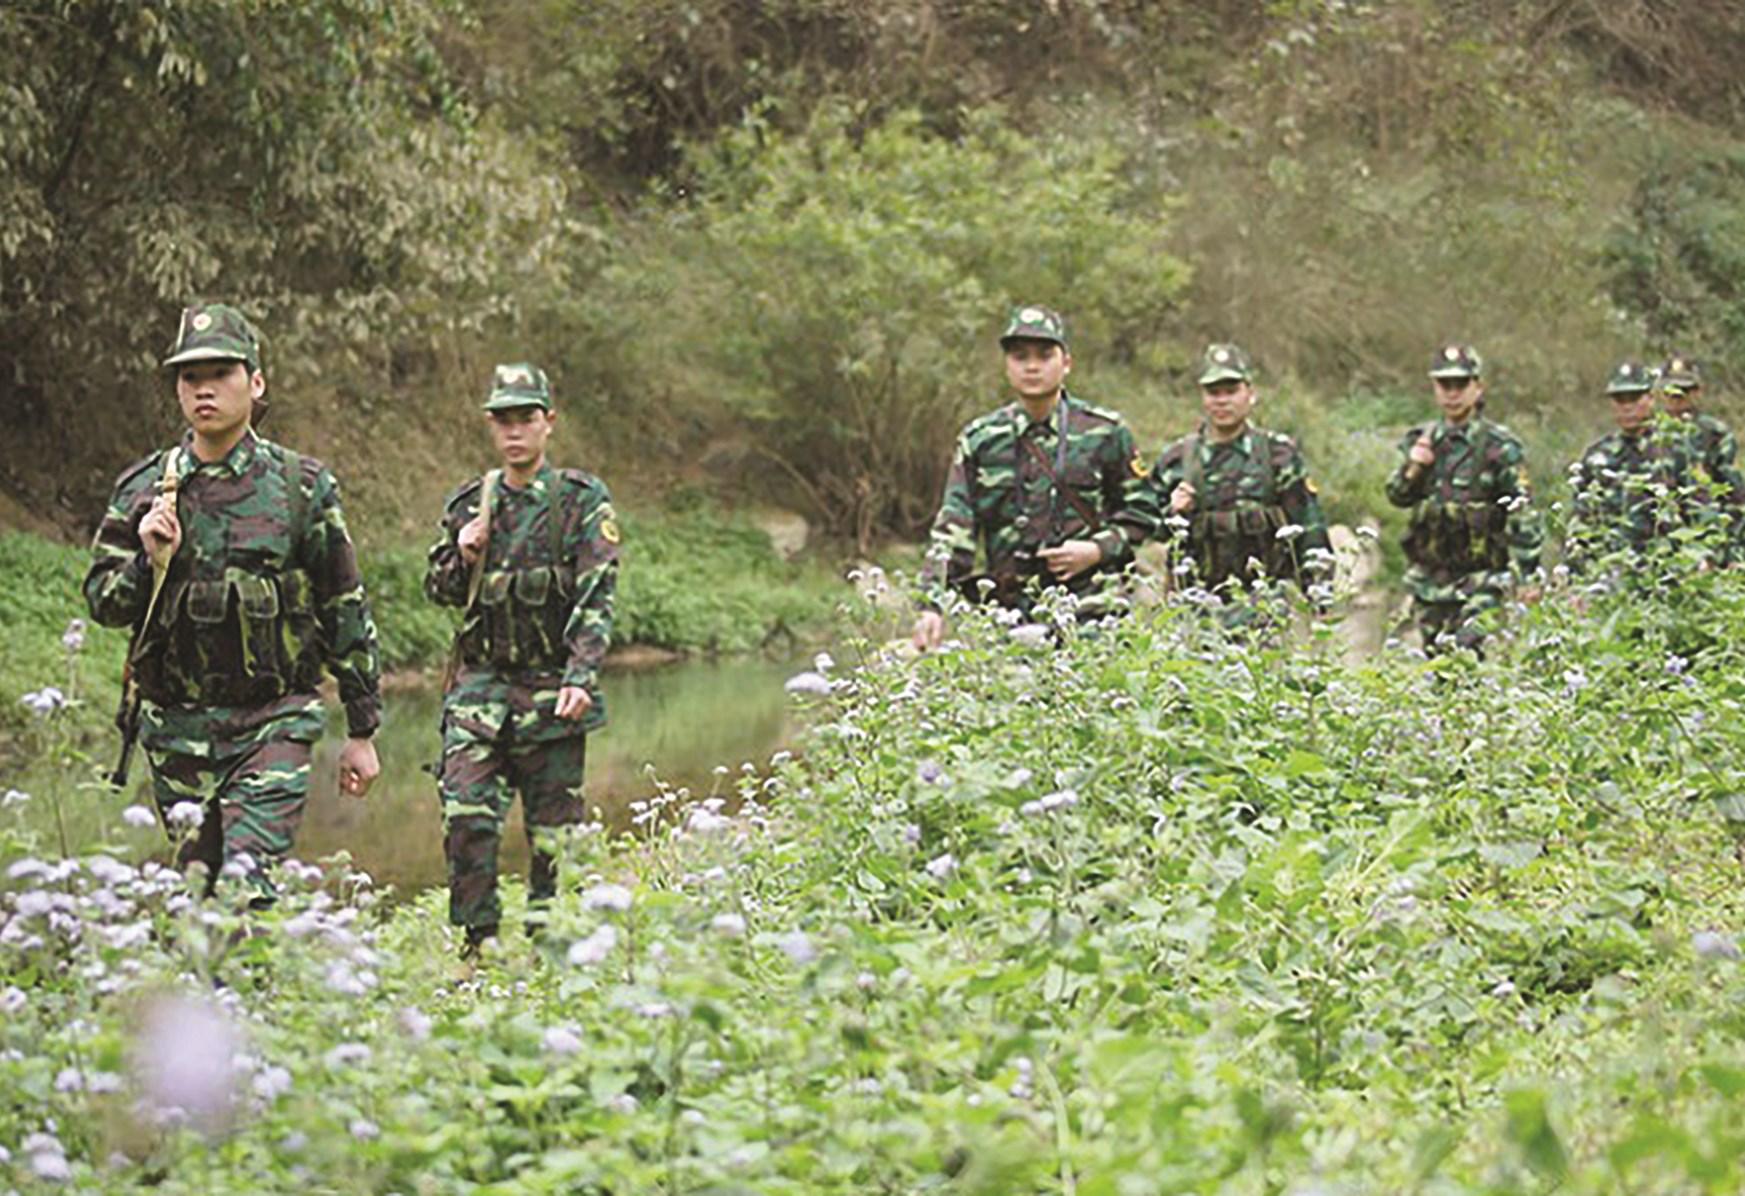 Cán bộ, chiến sĩ Đồn Biên phòng Bình Nghi (BĐBP Lạng Sơn) tuần tra bảo vệ biên giới. Ảnh: Nguyễn Minh